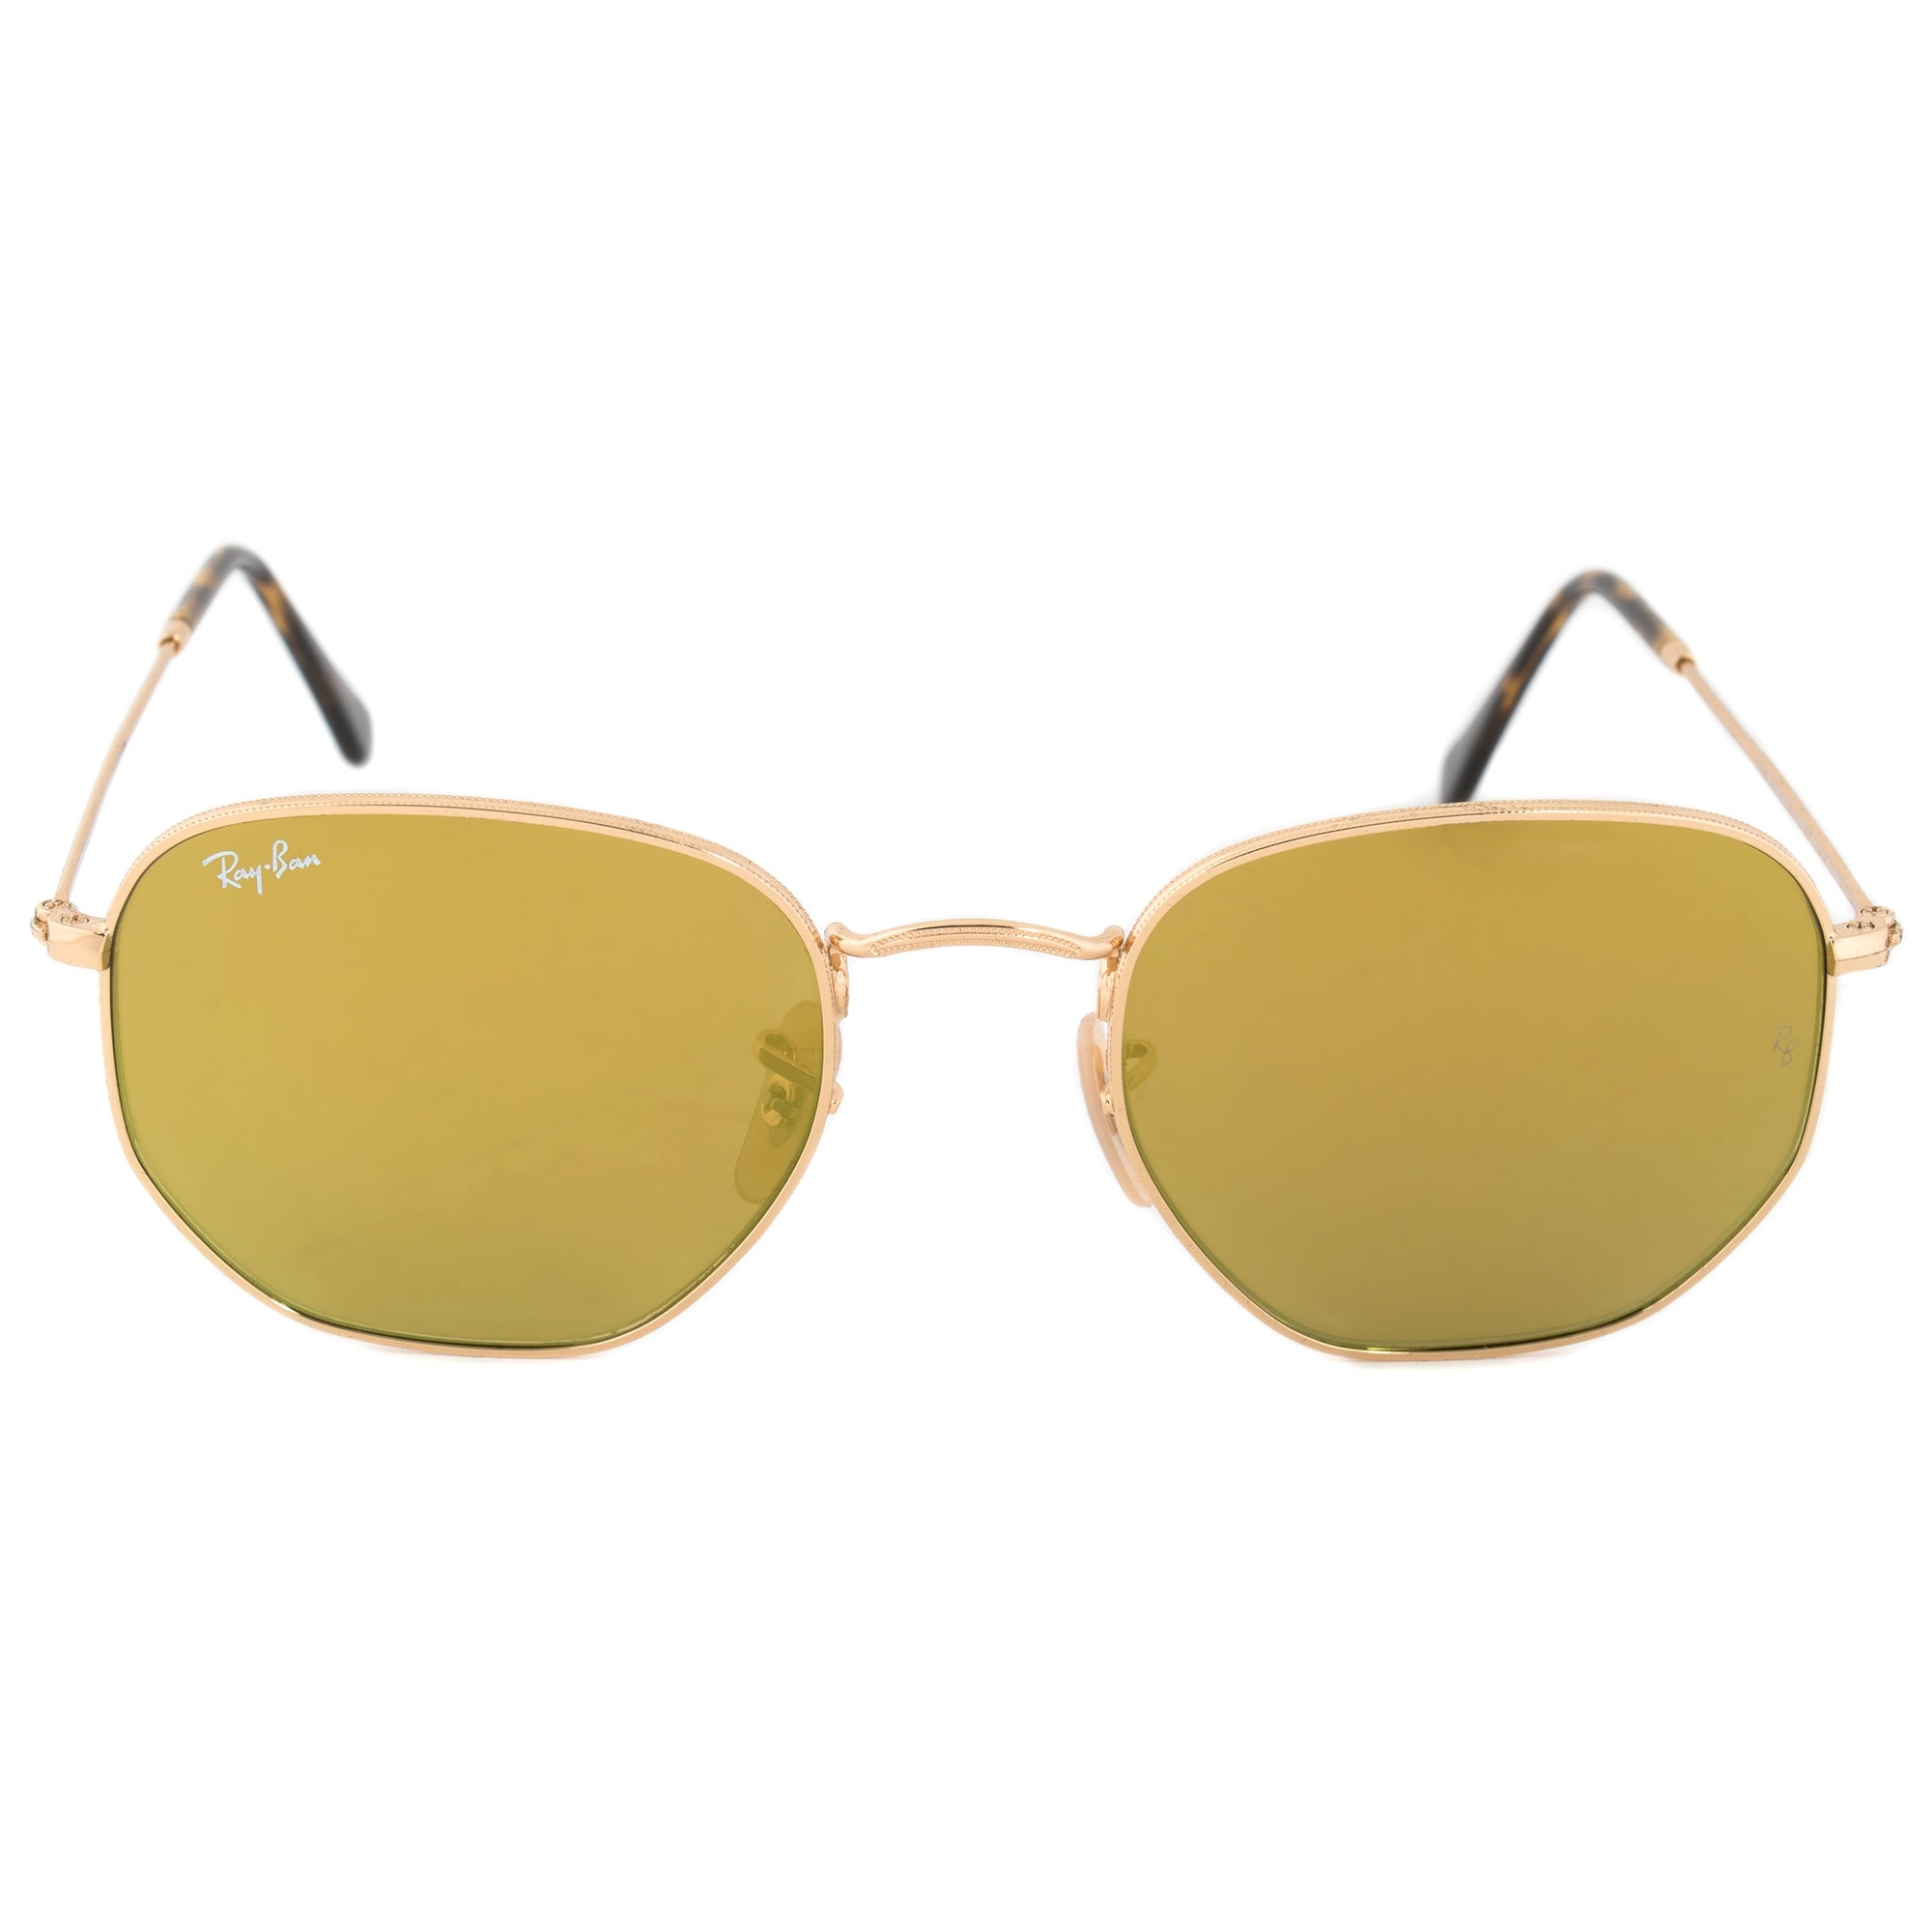 4f6fad7010361 Shop Ray-Ban Hexagonal Flat Lenses Sunglasses RB3548NF 001 93 54 ...